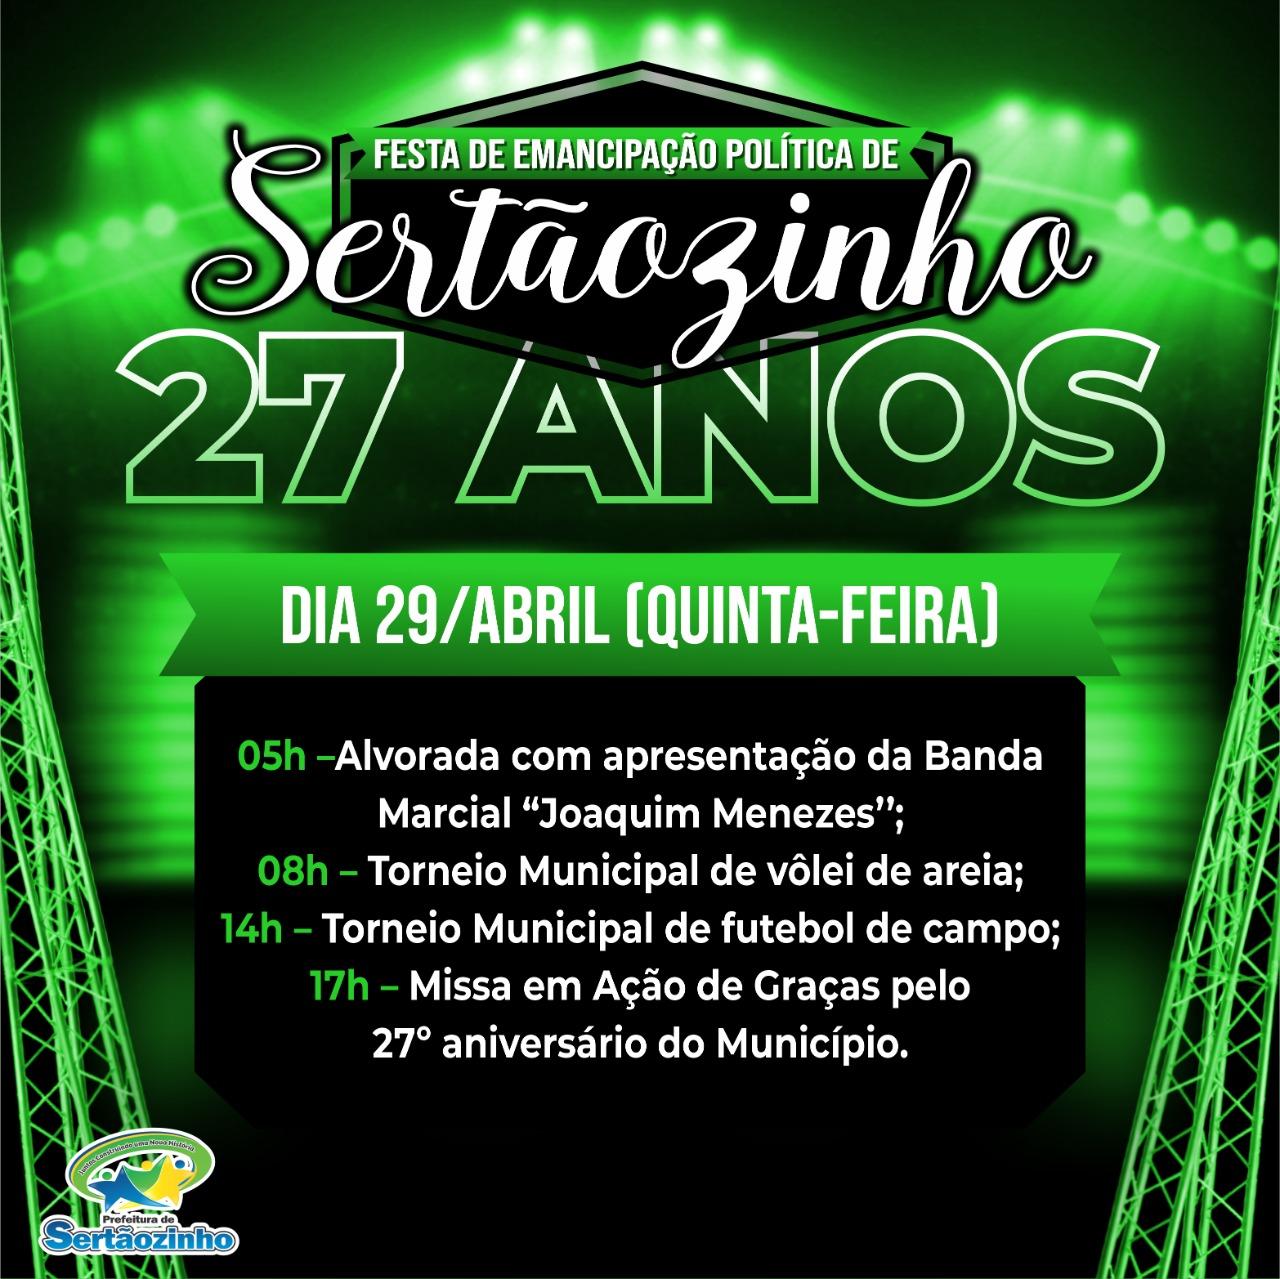 """Programação 4º dia de festividade em alusão a """"Festa de Emancipação Política de Sertãozinho"""""""